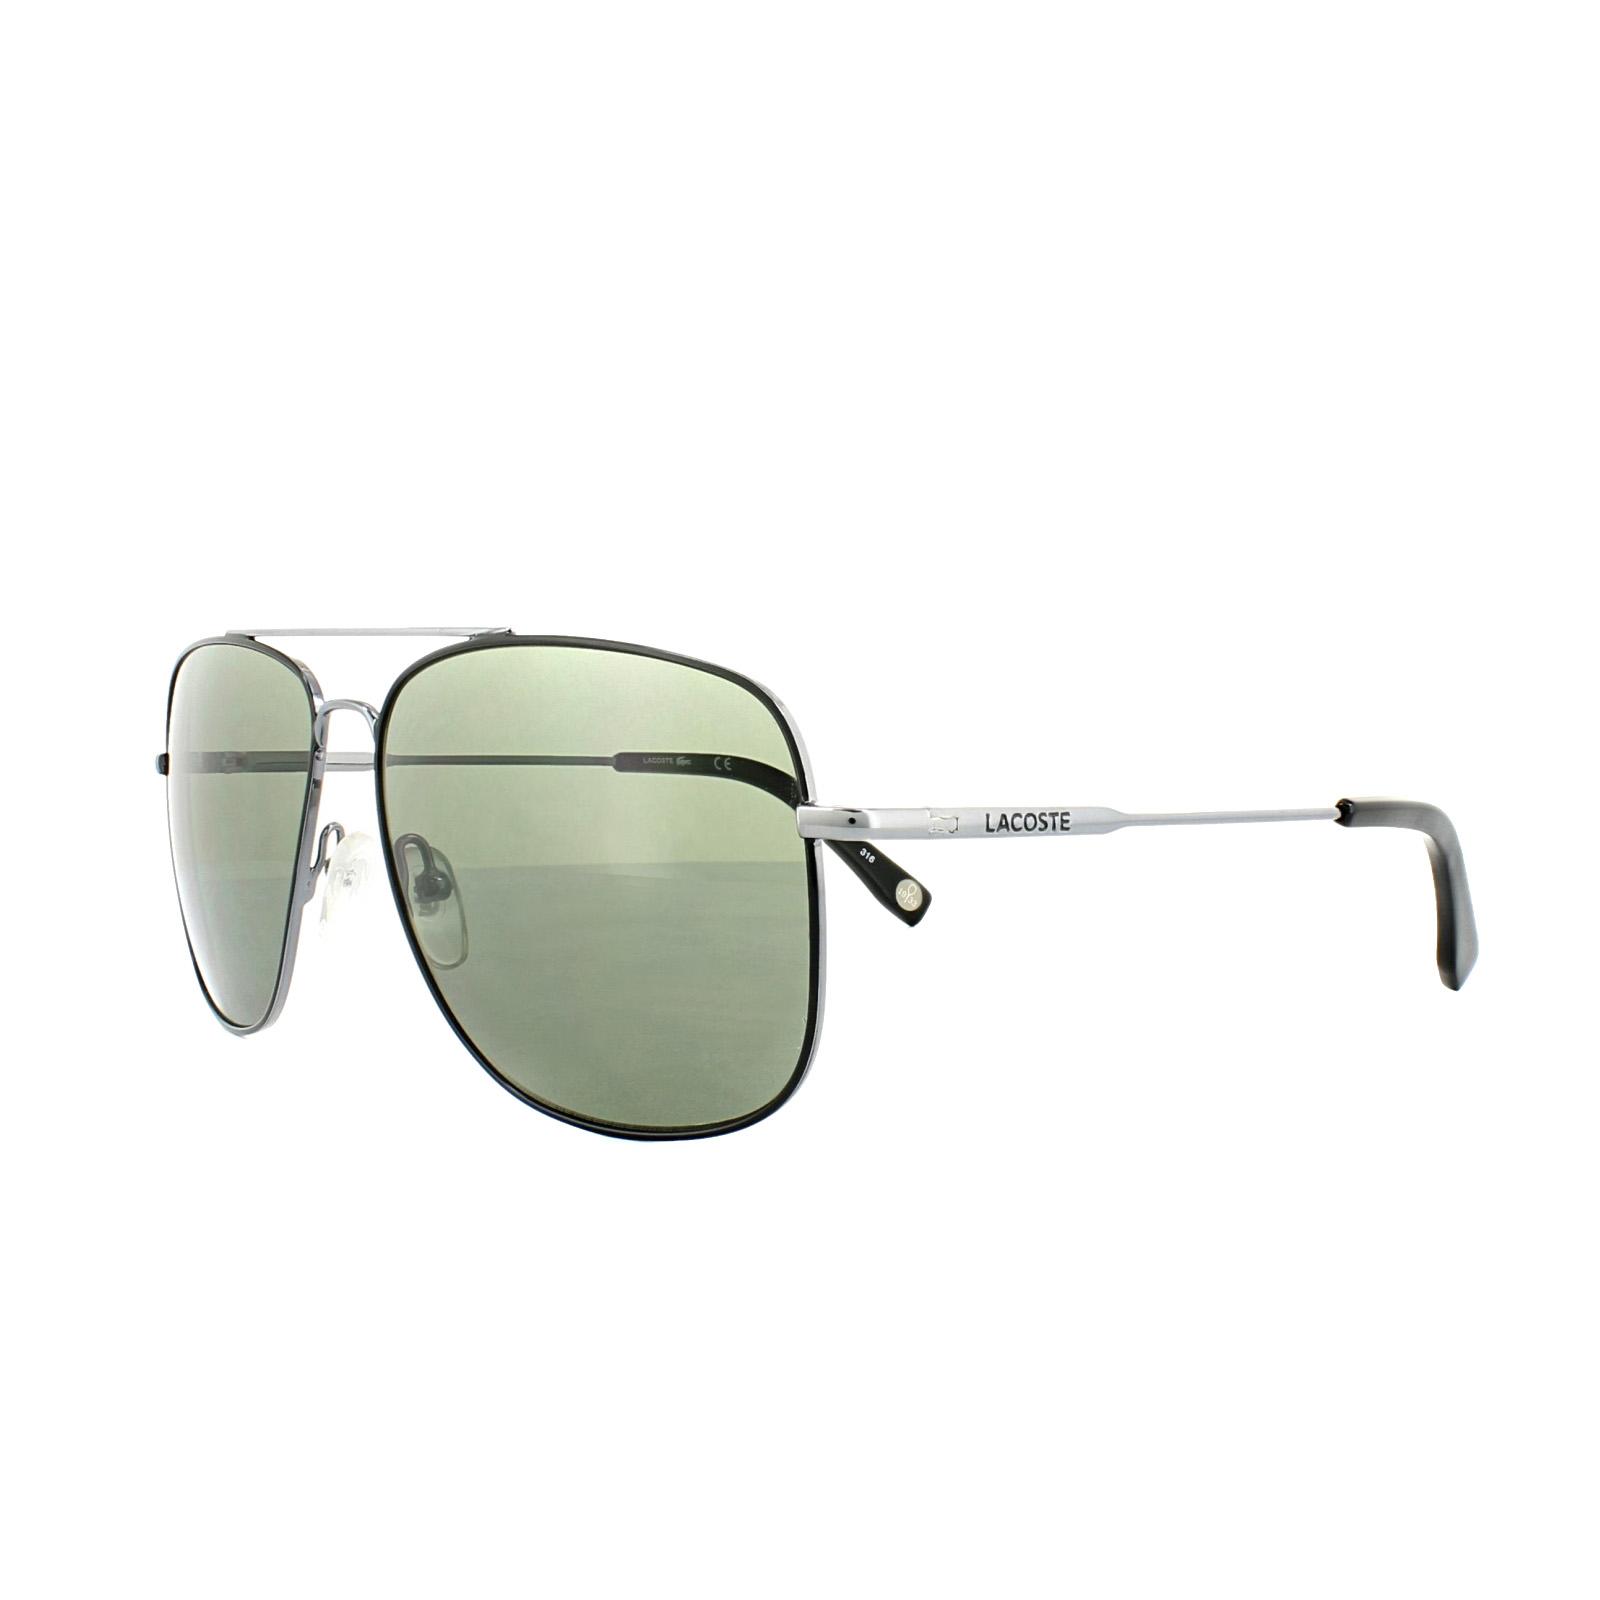 a648abf55fc0 Lacoste Sunglasses L175S 035 Grey Green 886895238656